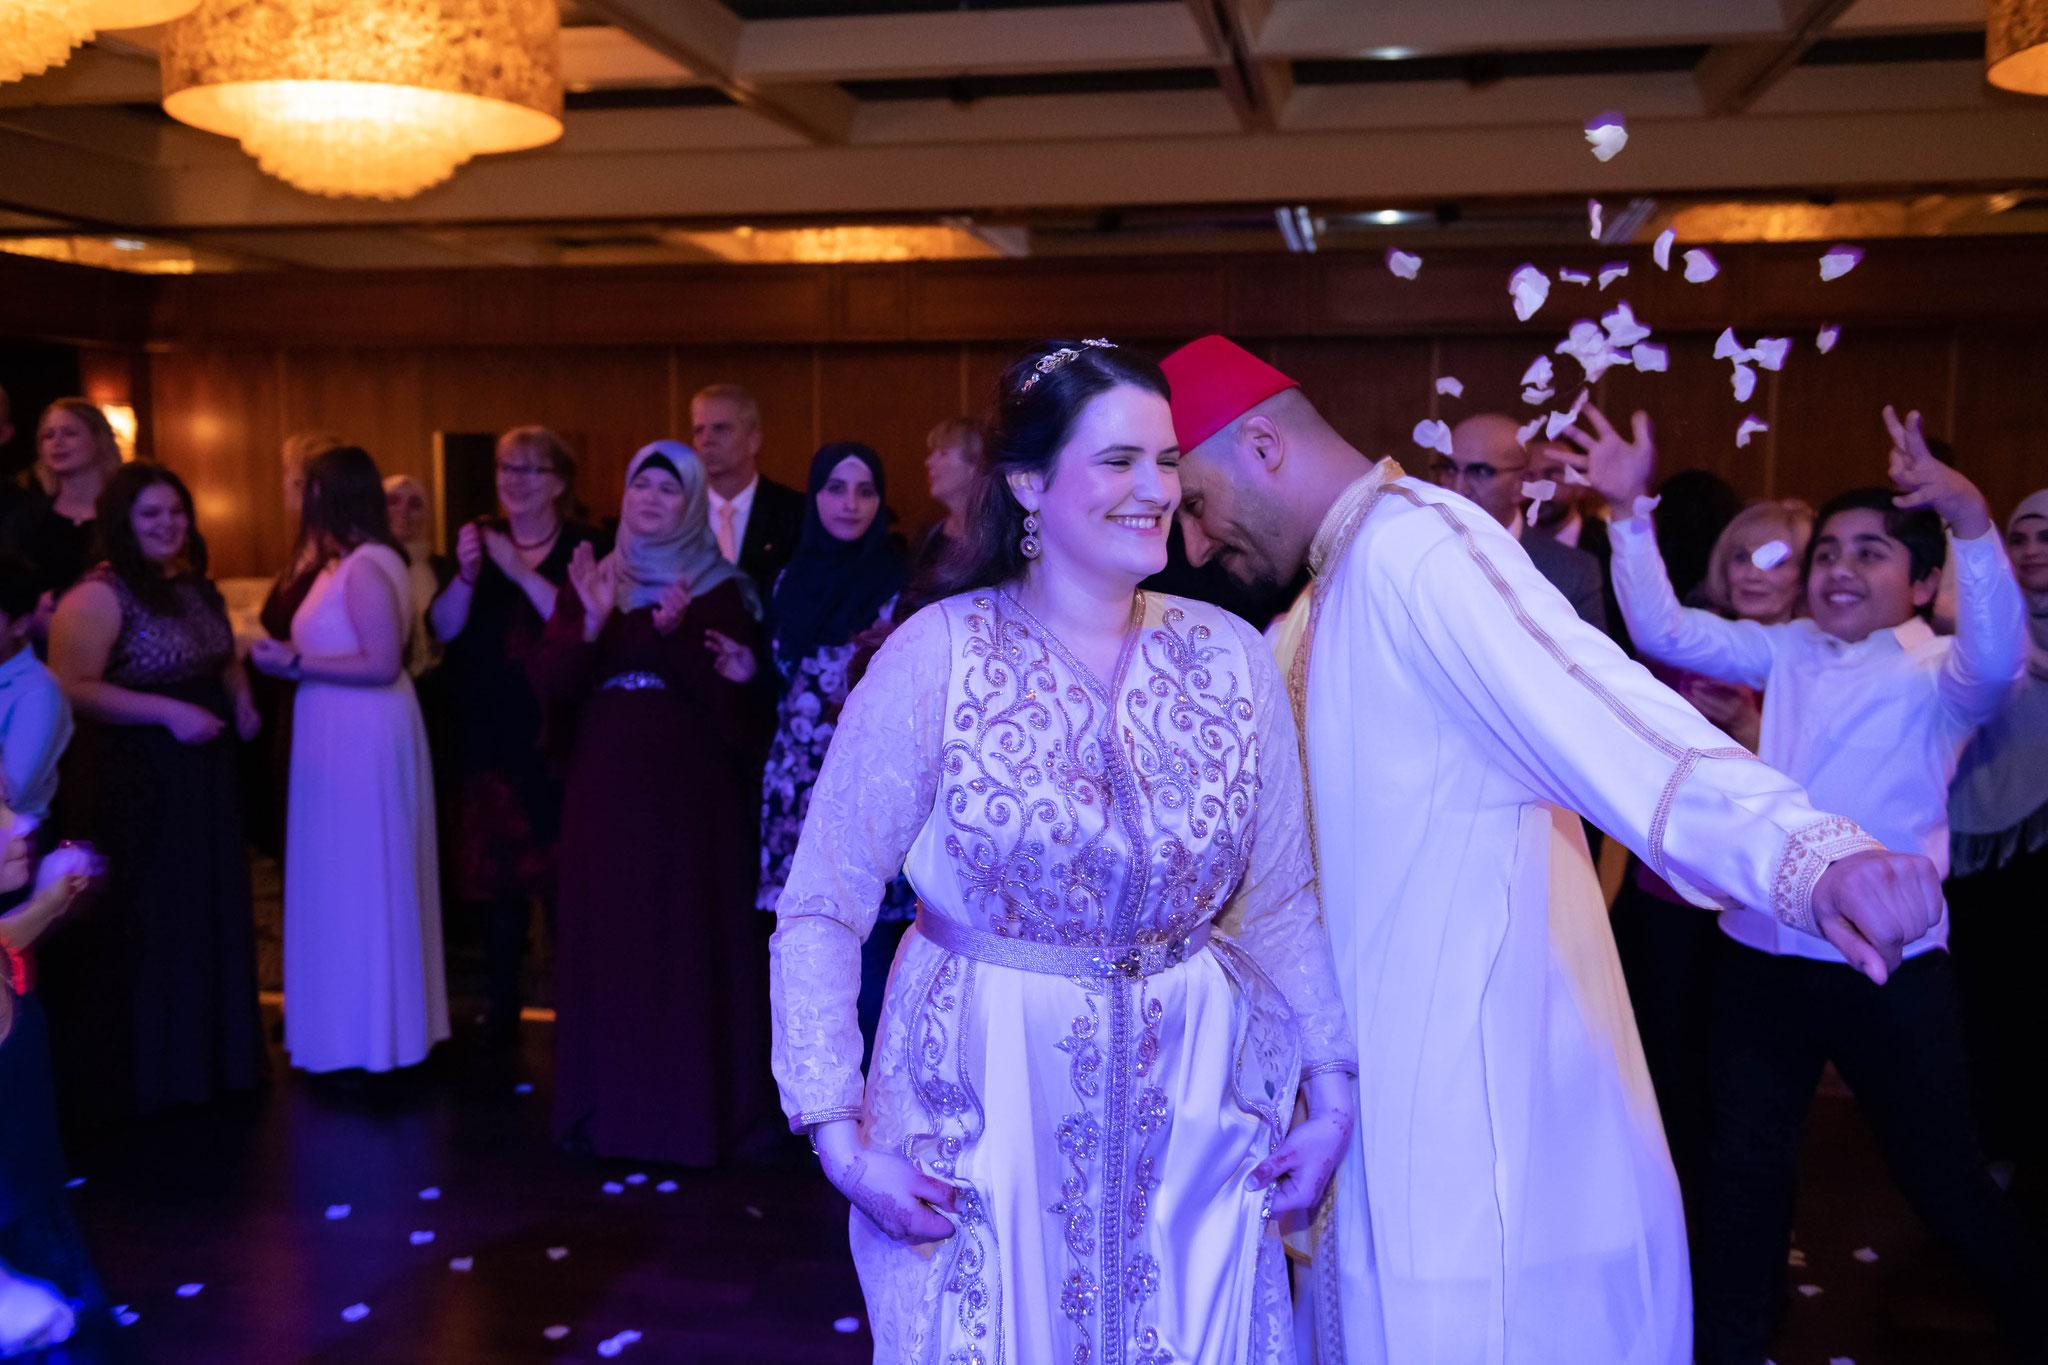 Kamerateam in Darmstadt gesucht für marokkanische Hochzeit